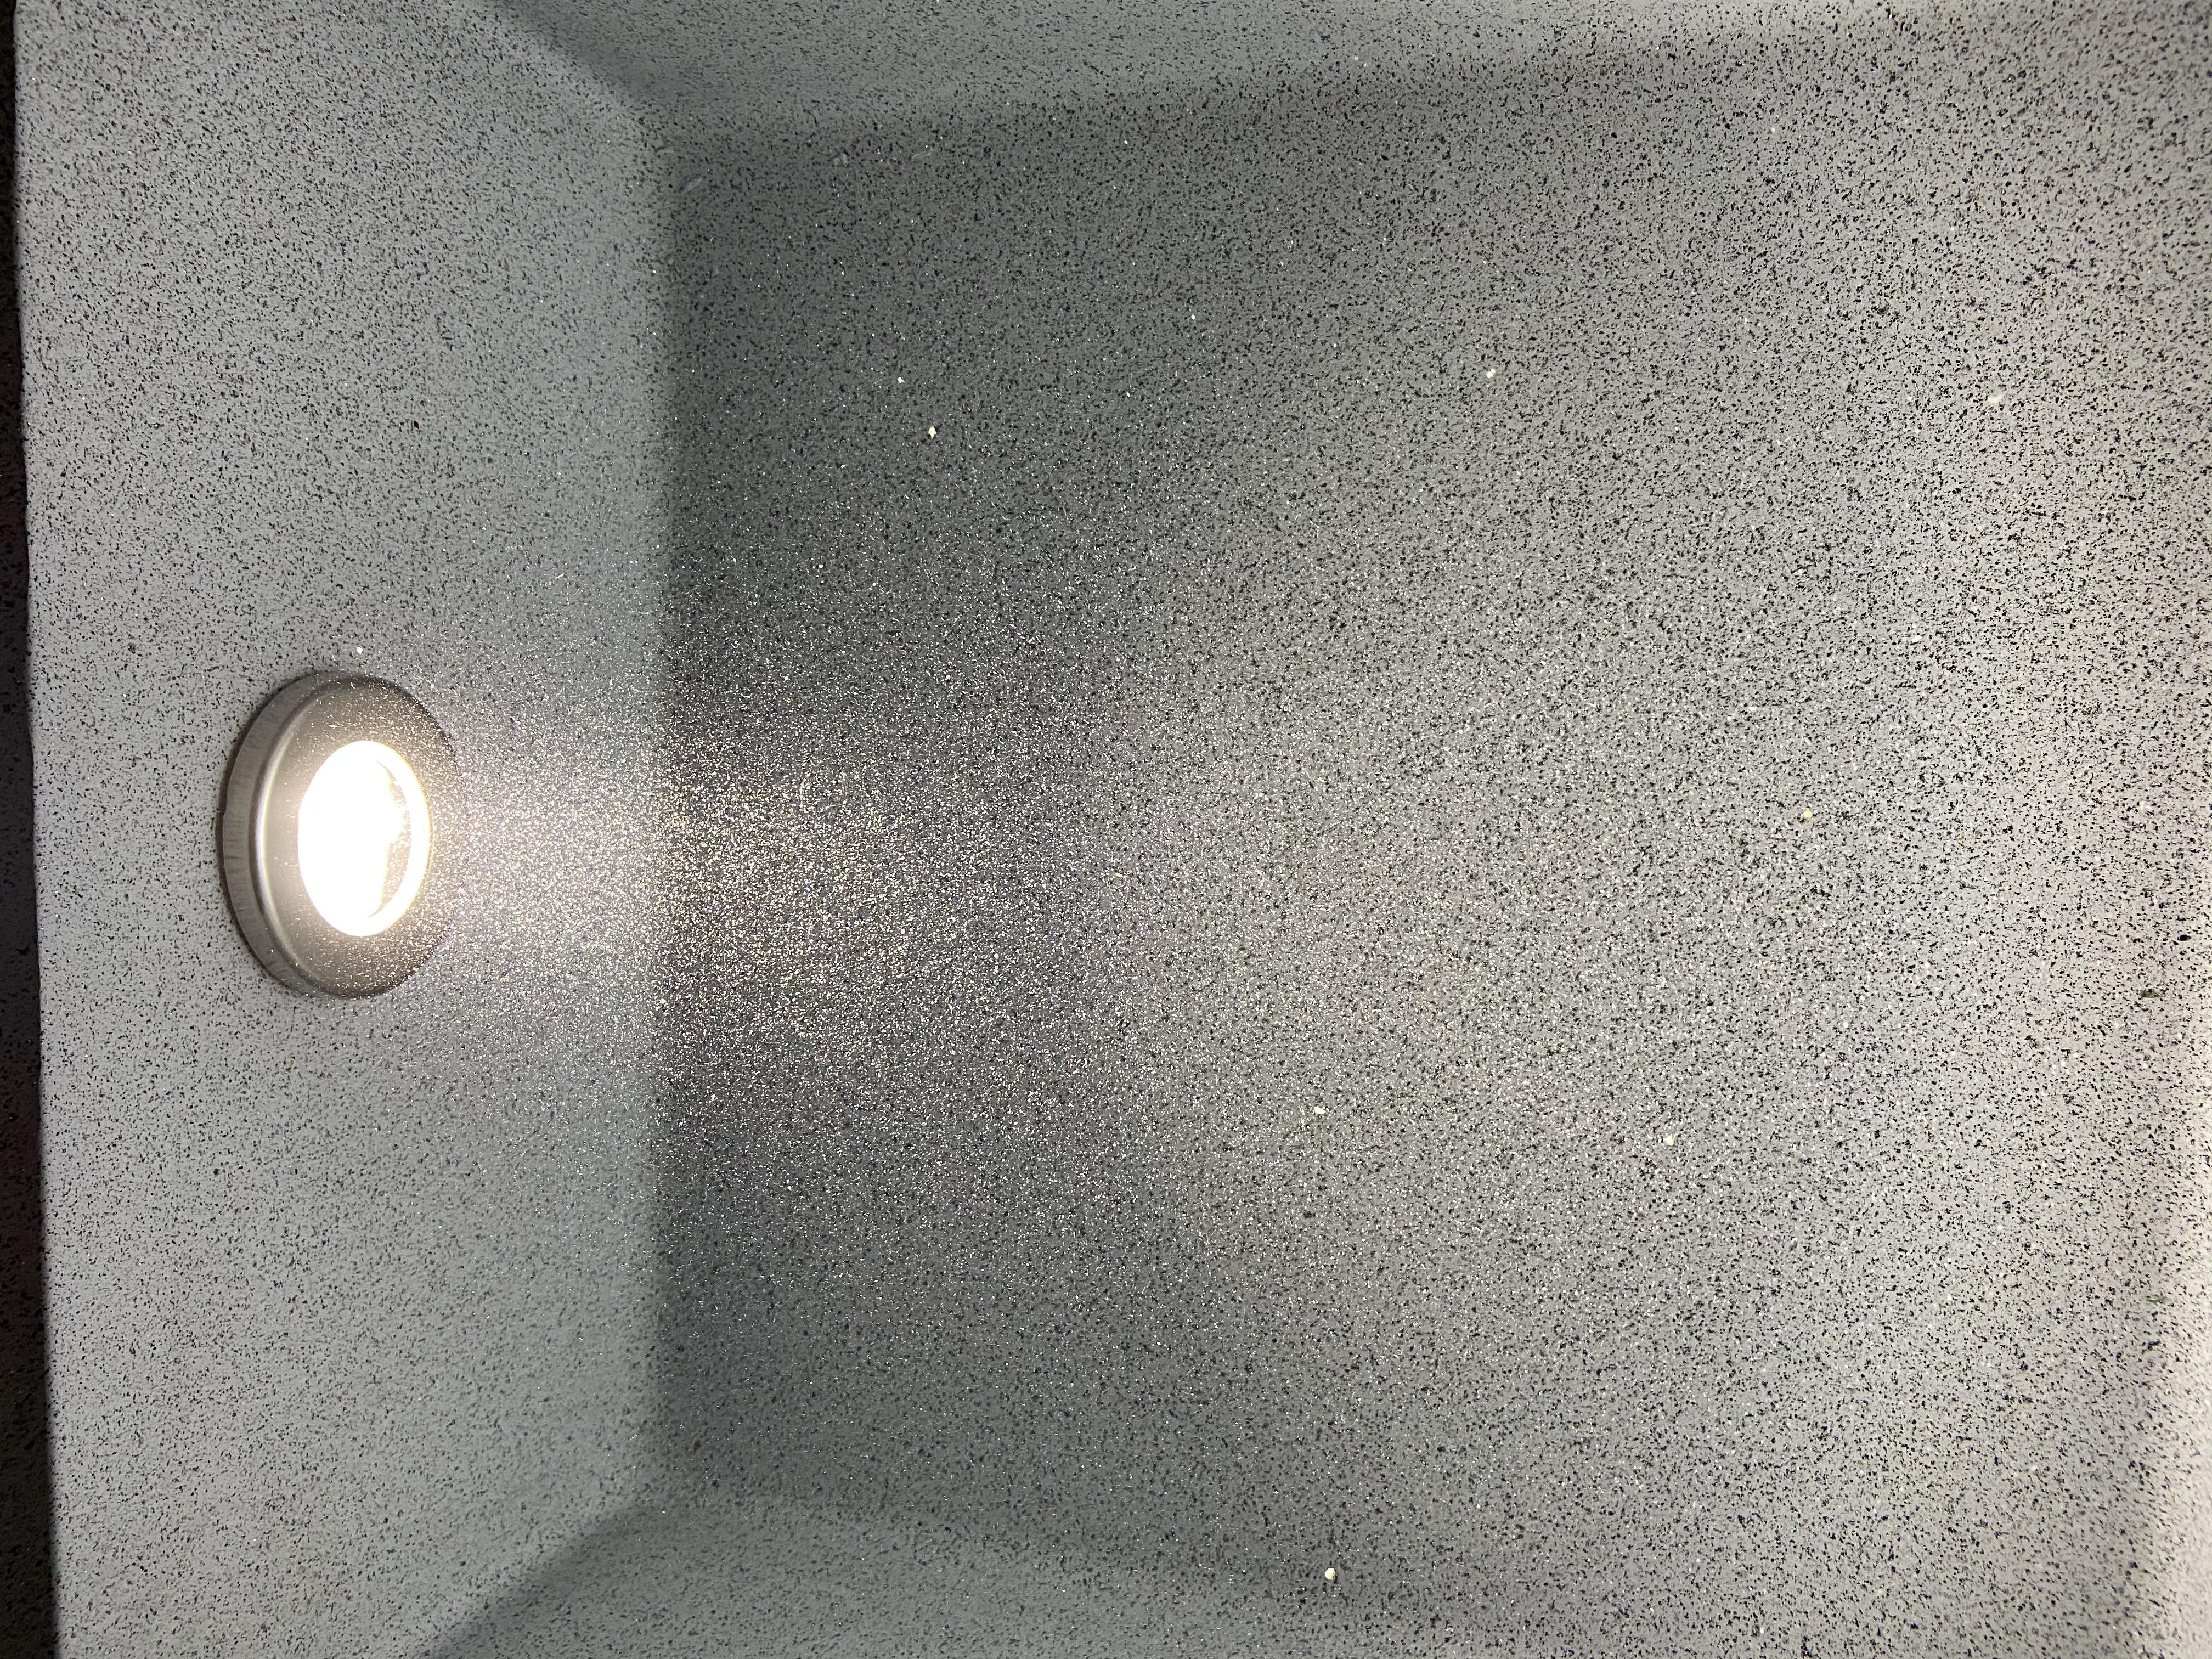 2er-Set-Wandeinbauleuchte-Neutralweiss-4W-315lm-montiert-5